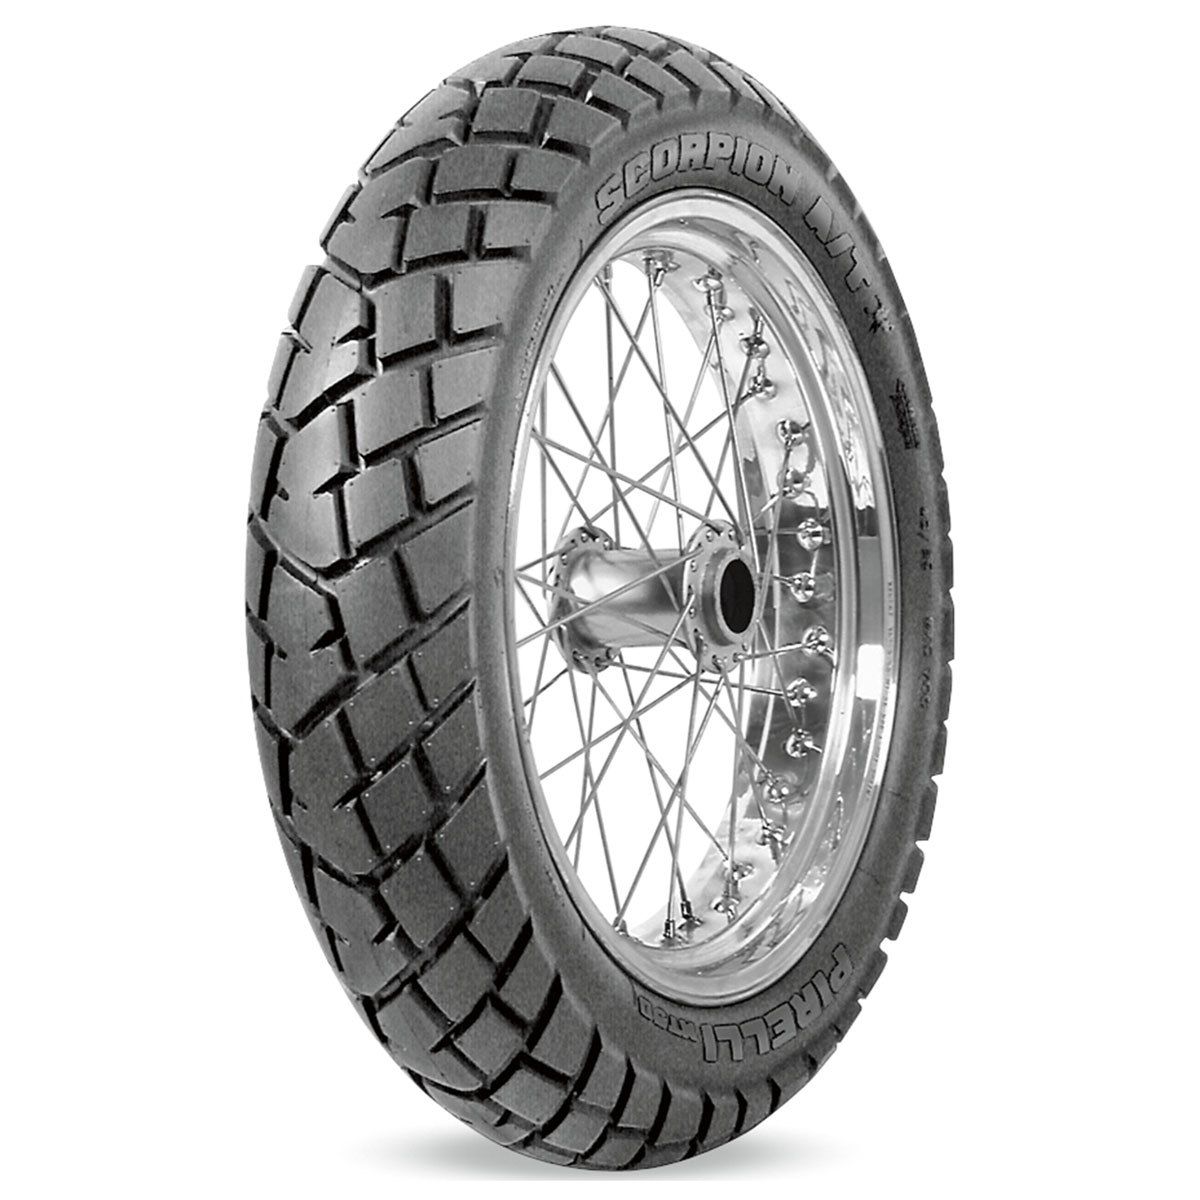 80 18 Rear Tire